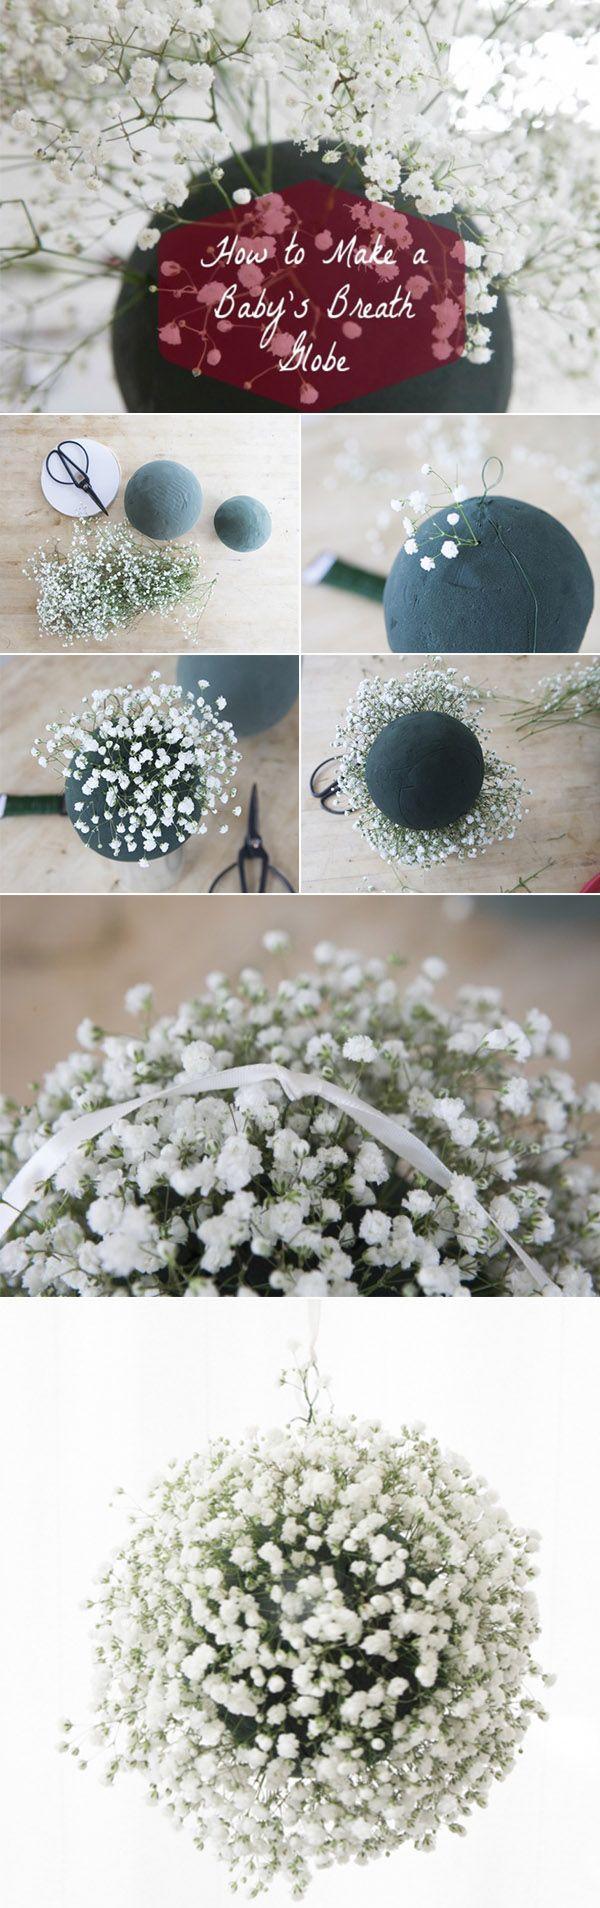 32 best Indie Wedding images on Pinterest | Floral supplies, Silk ...